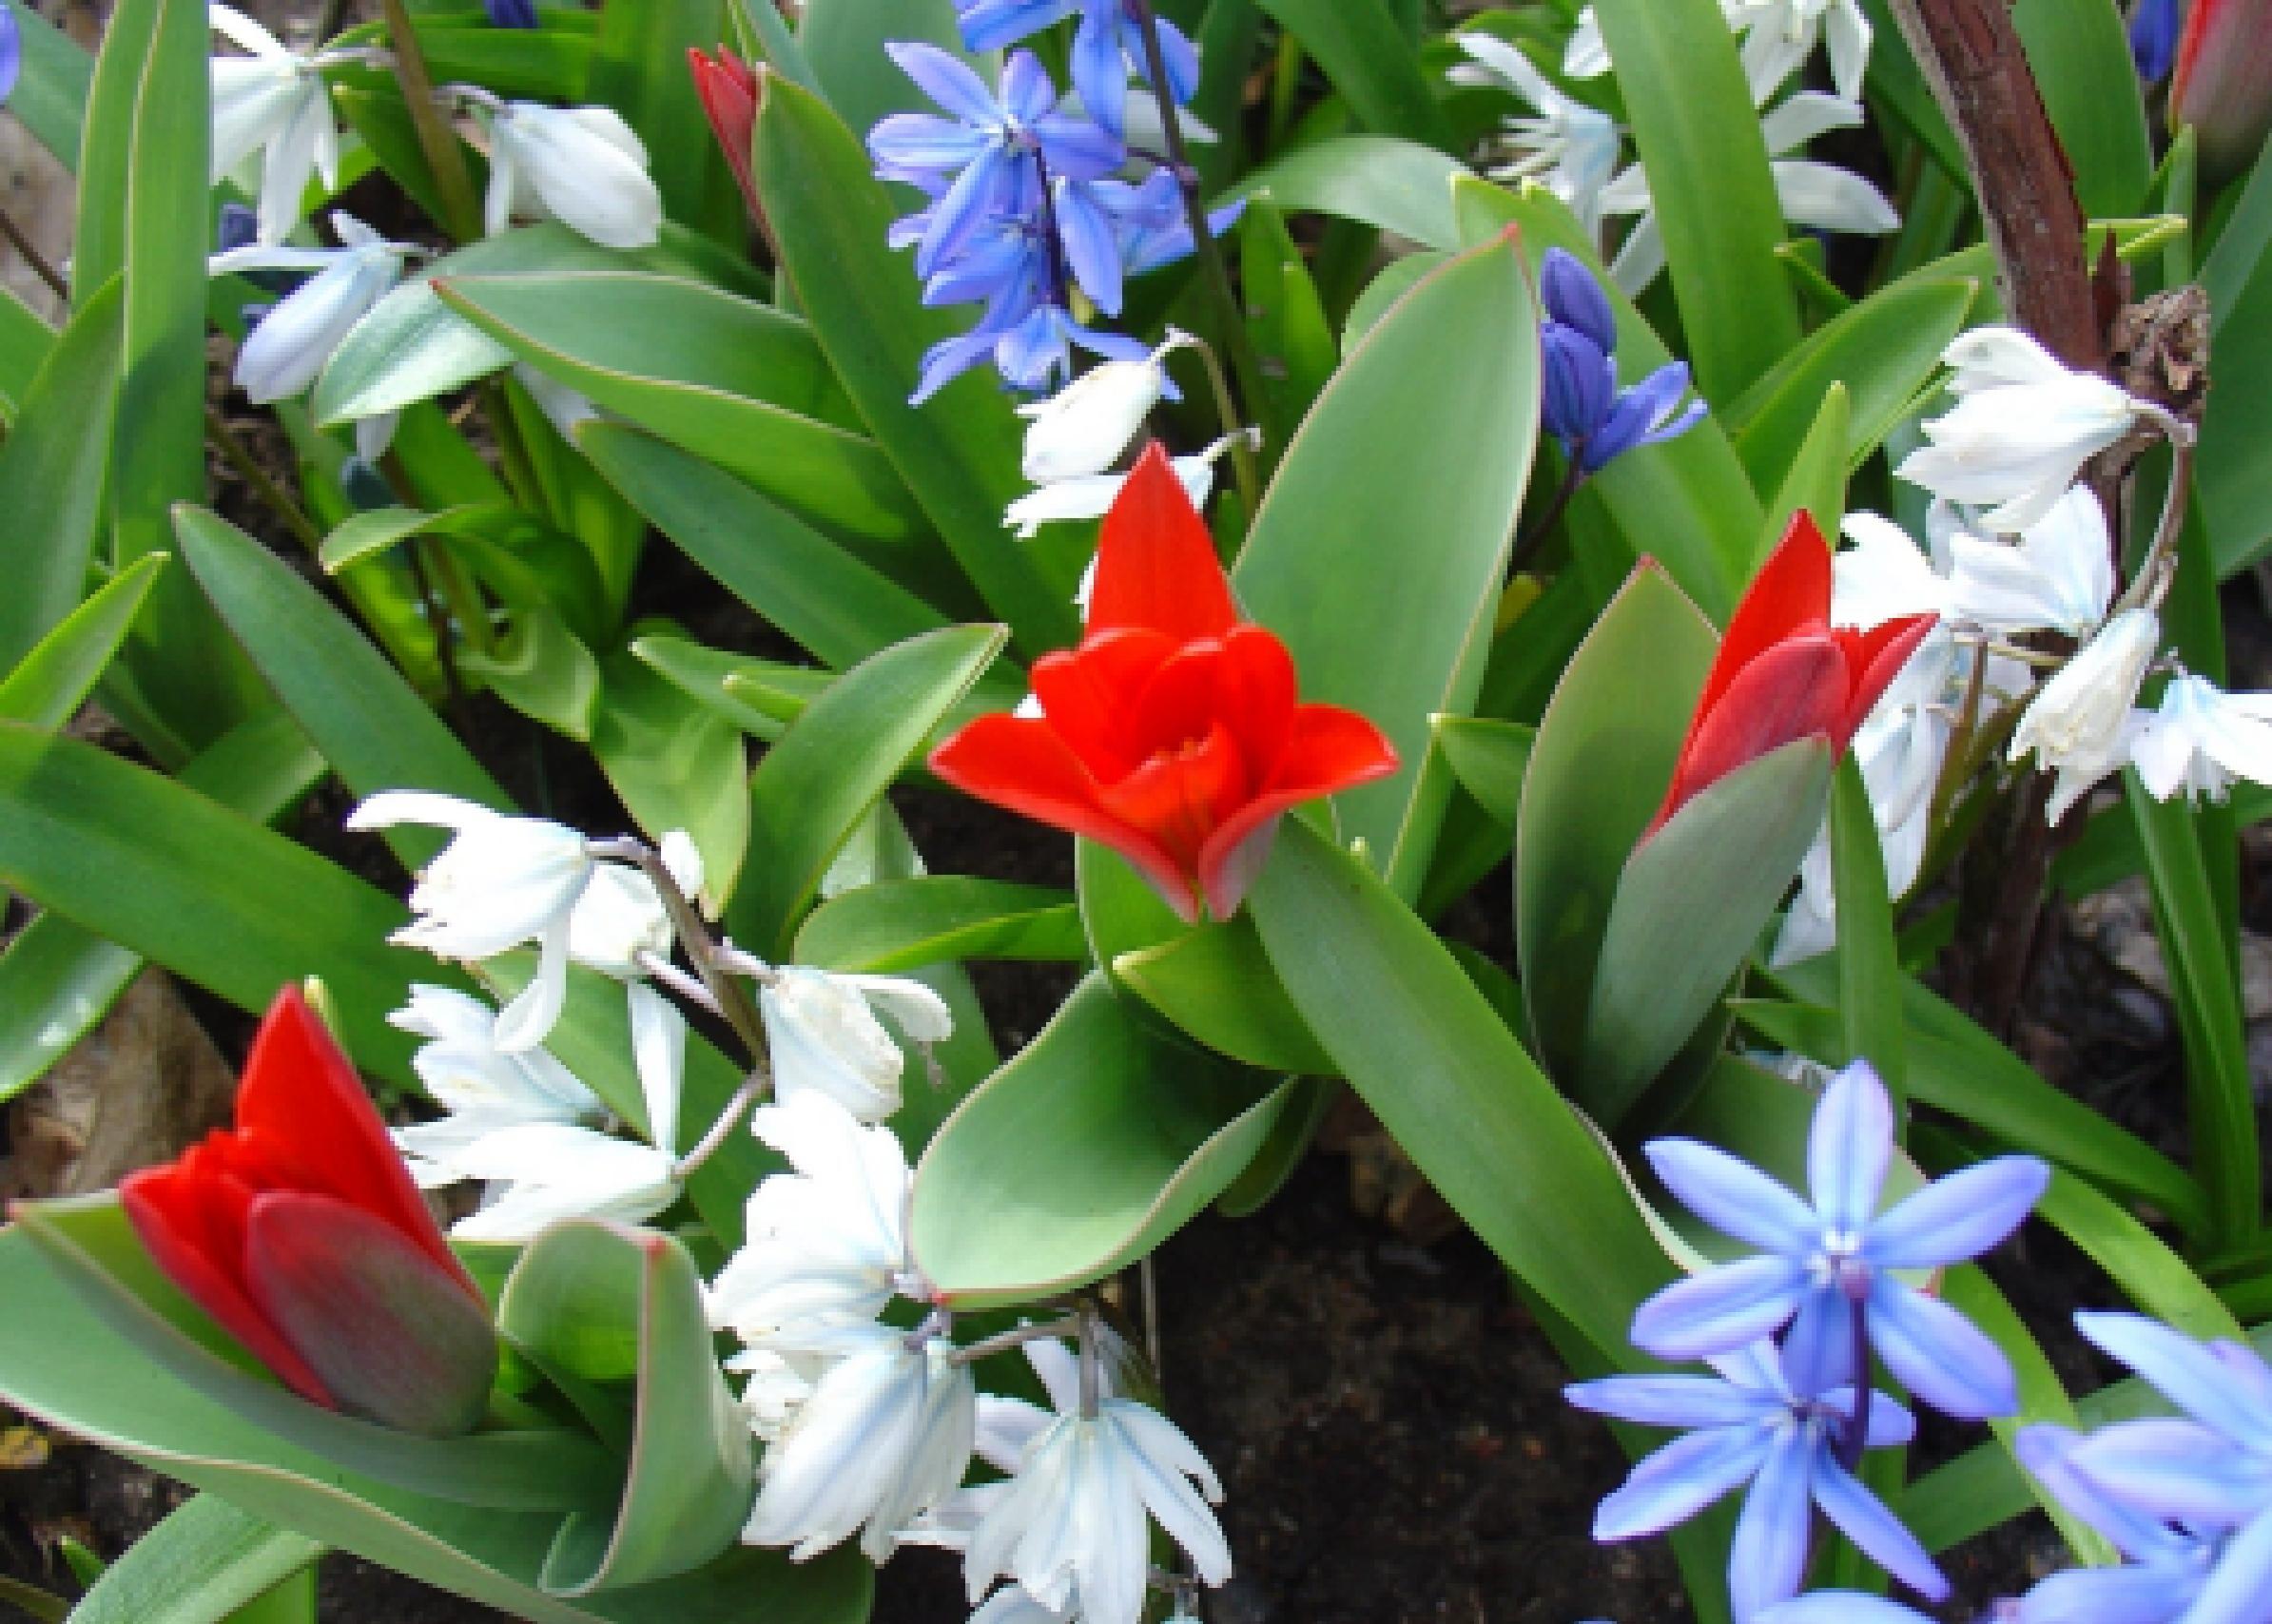 Садовые луковичные цветы: фото, названия и вредители